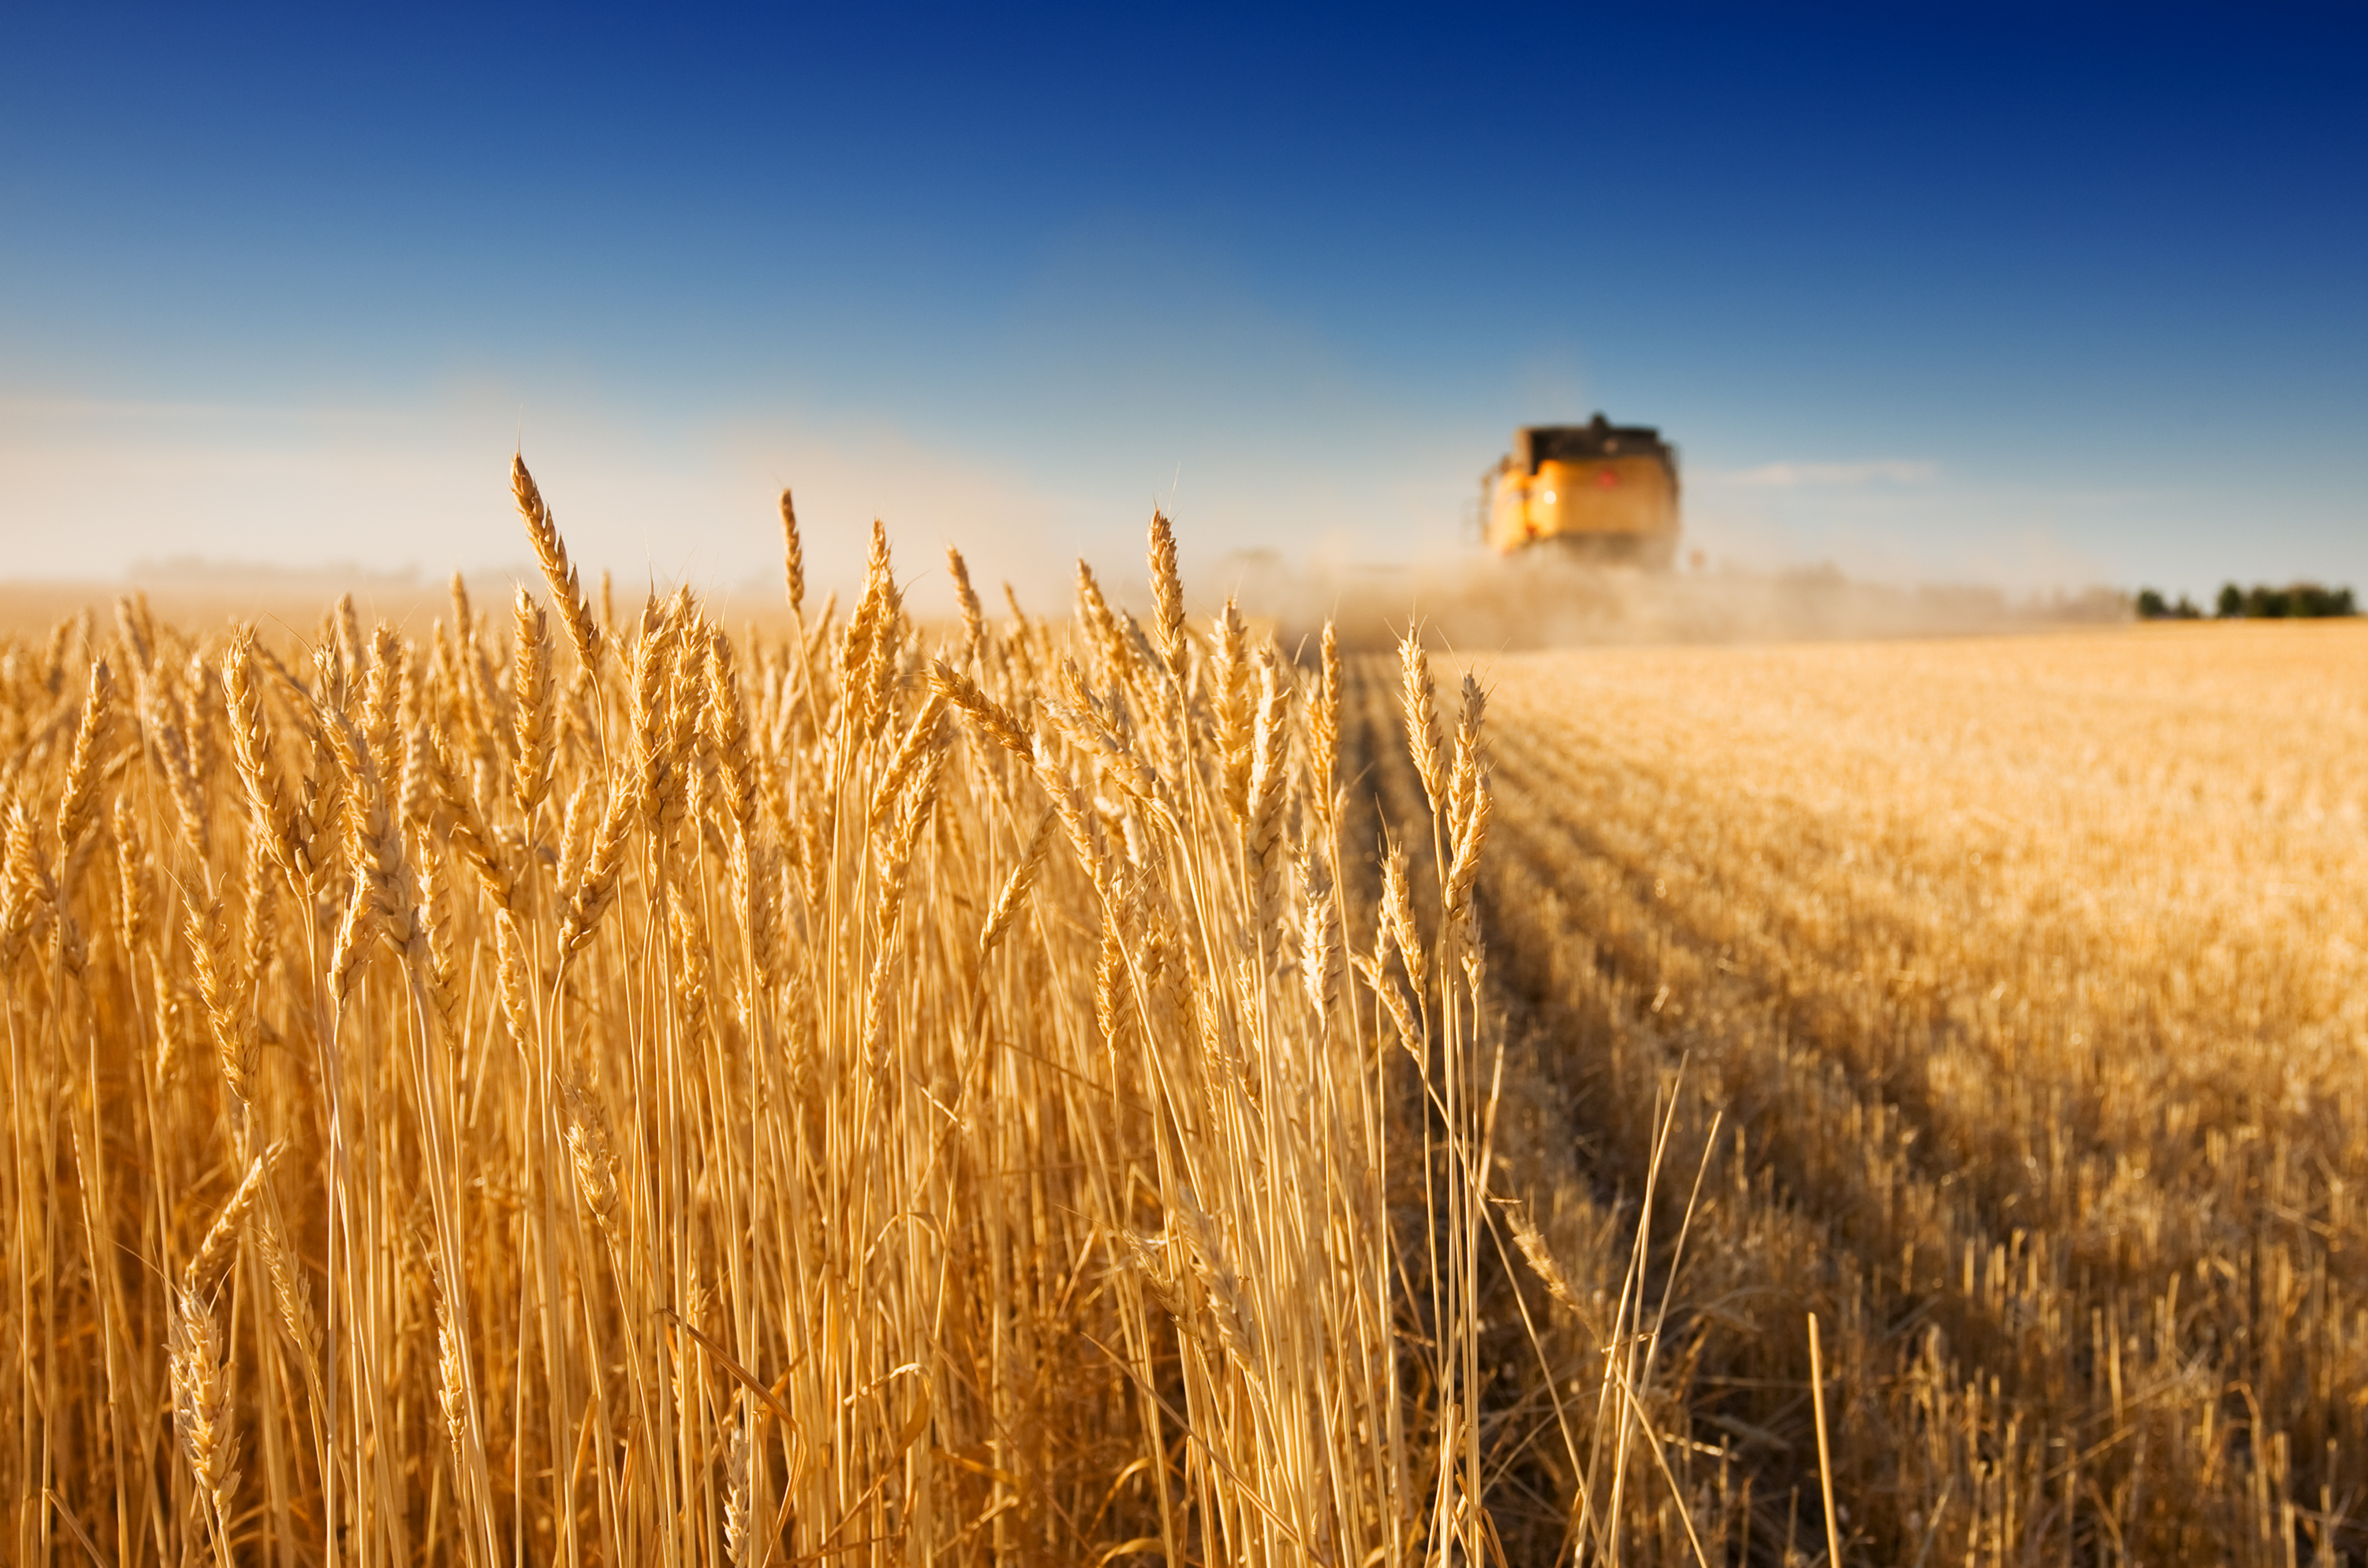 México y Brasil revisan acuerdo económico para sumar bienes industriales y agrícolas